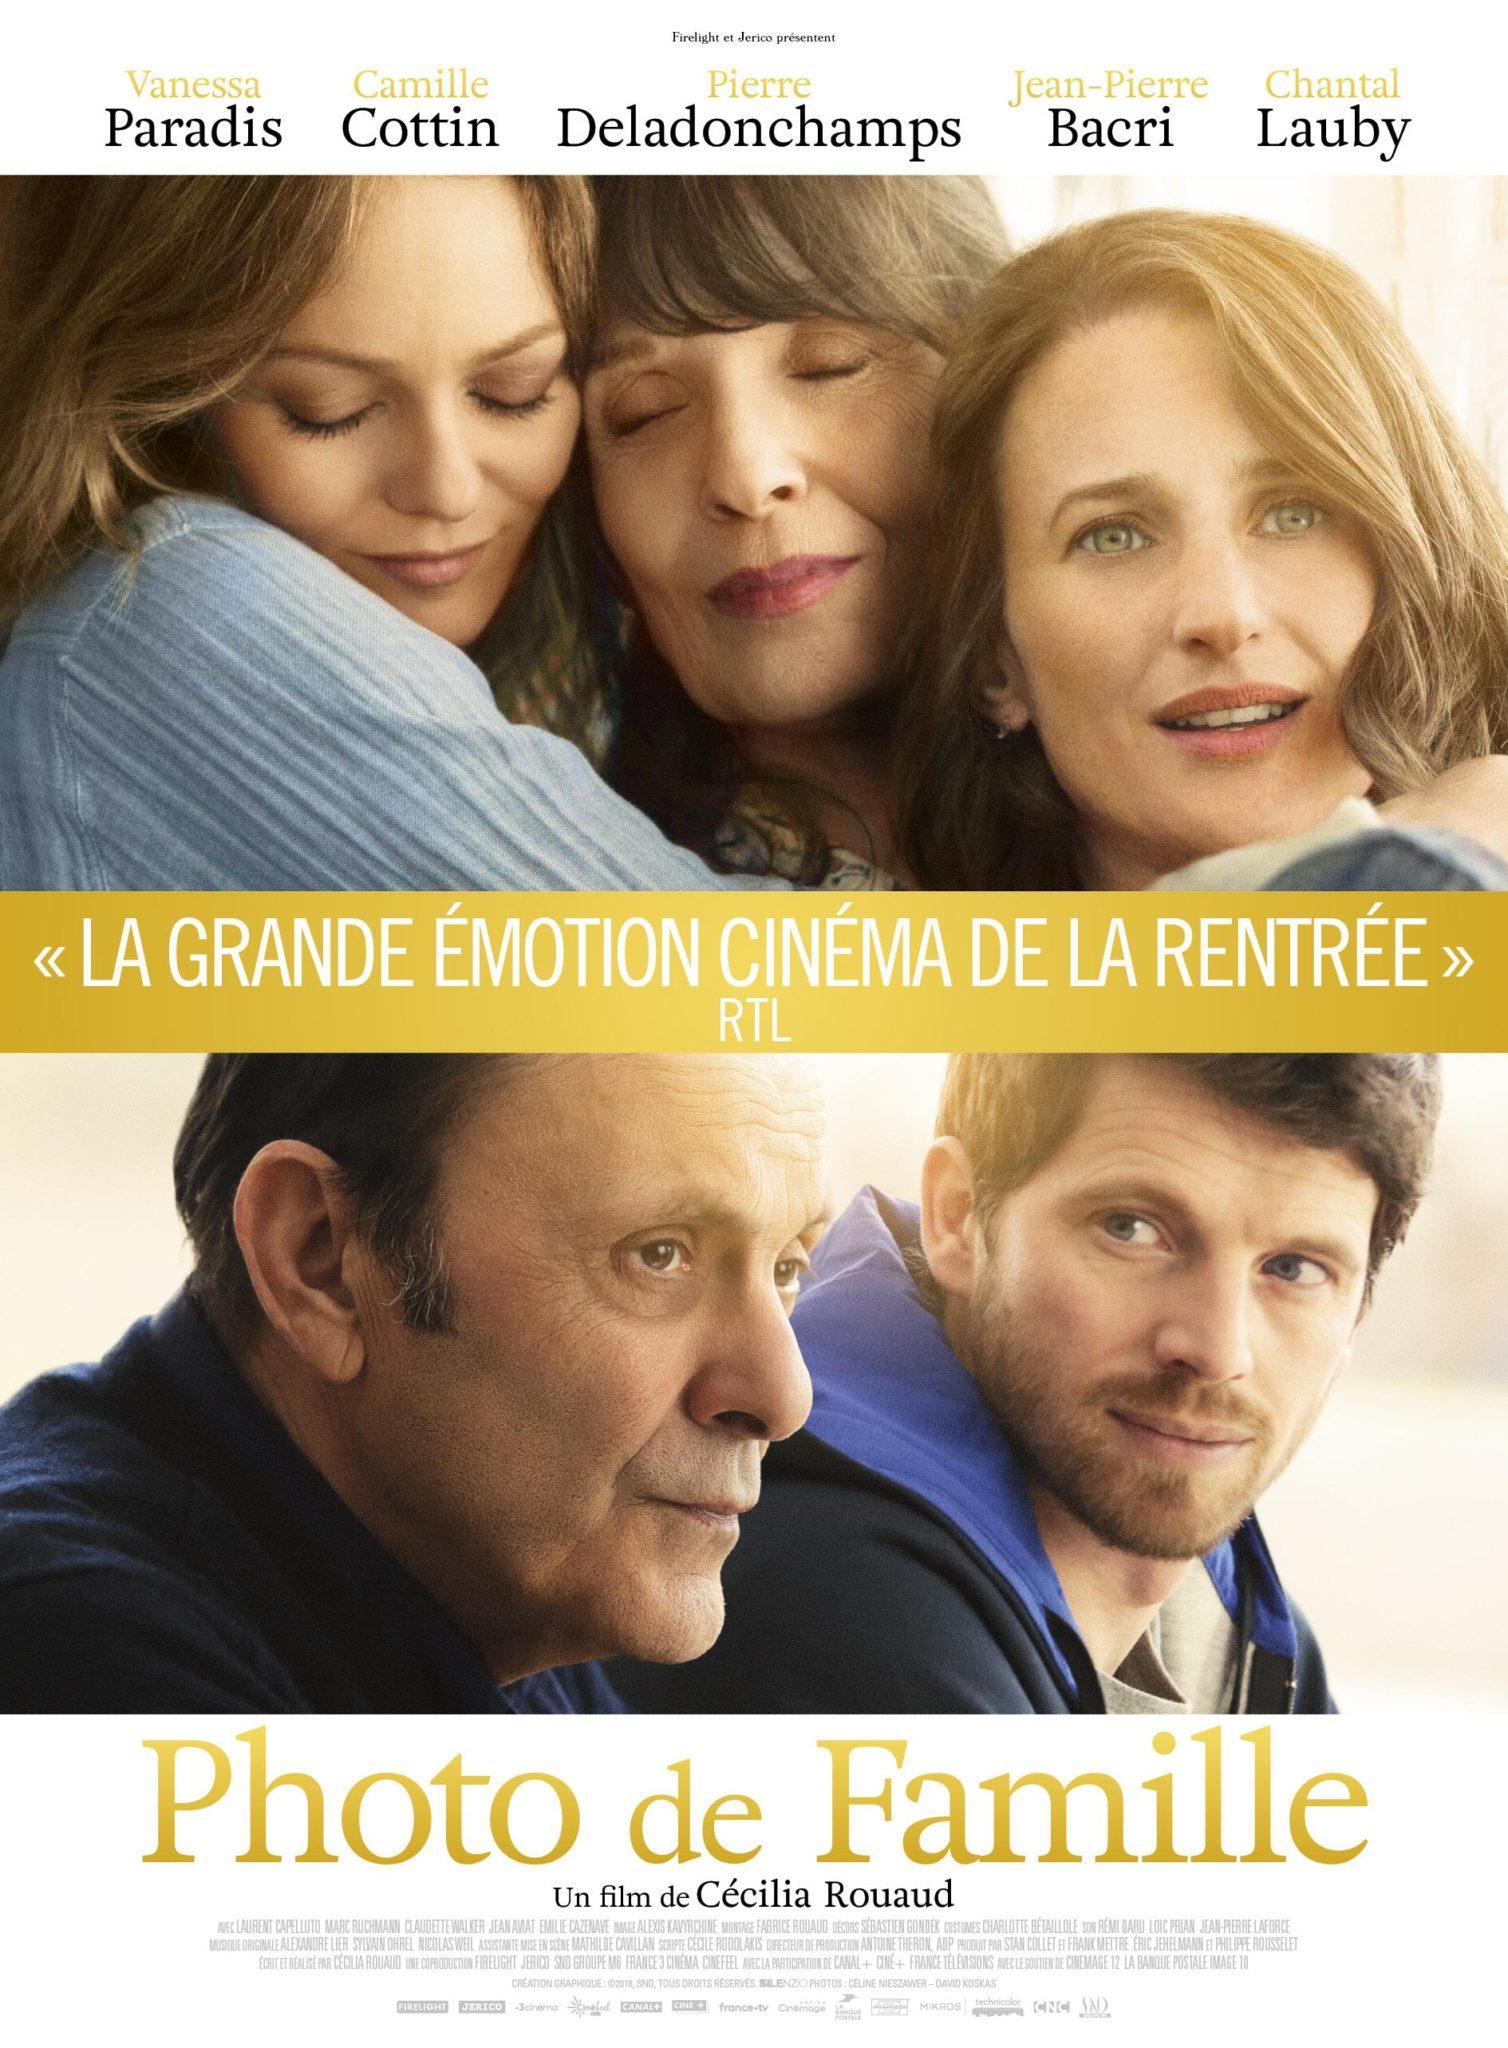 L'affiche du film Photo de famille de Cécilia Rouaud